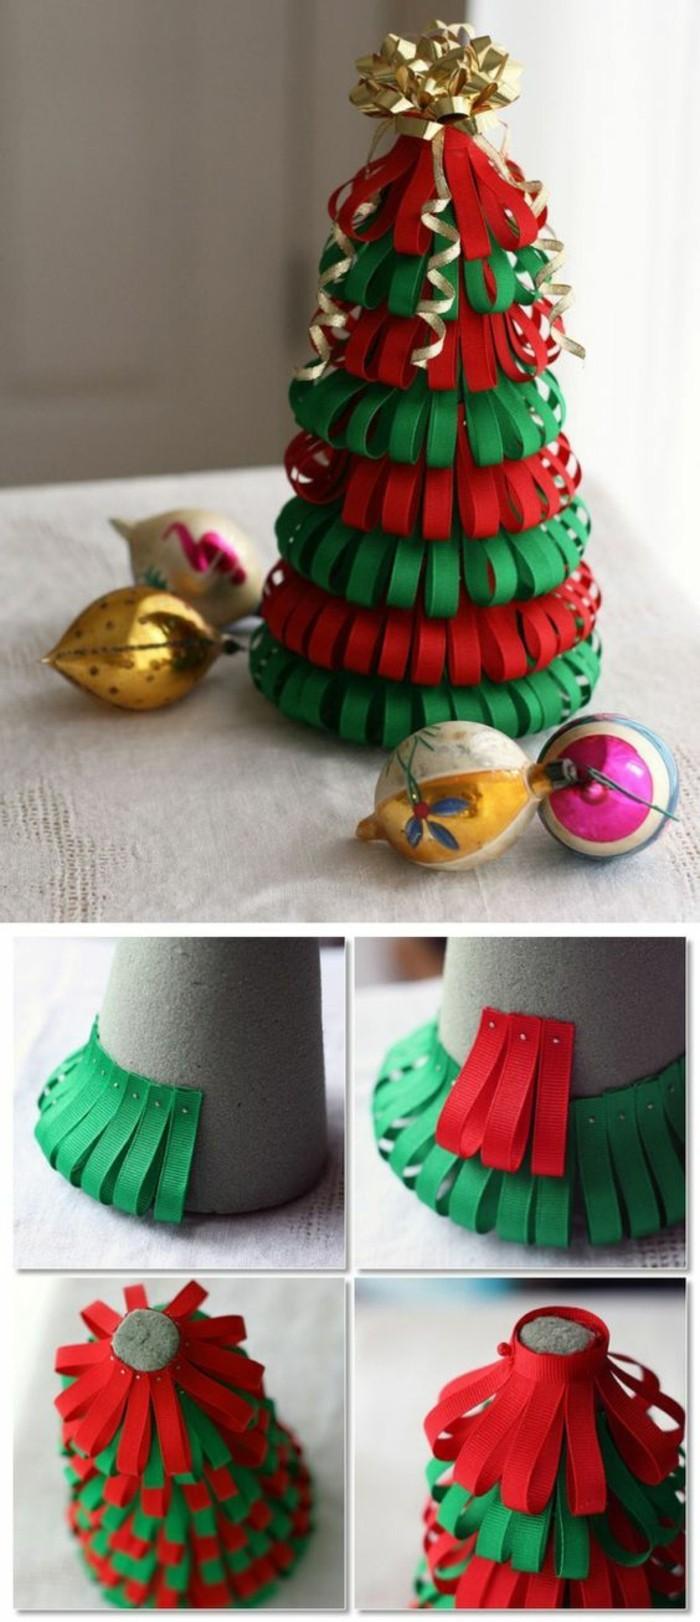 Sympathisch Weihnachtsdeko Aus Papier Beste Wahl 13-weihnachtendekoration-selber-machen-weihnachtsdeko -selber-machen-weihnachtsbaum-